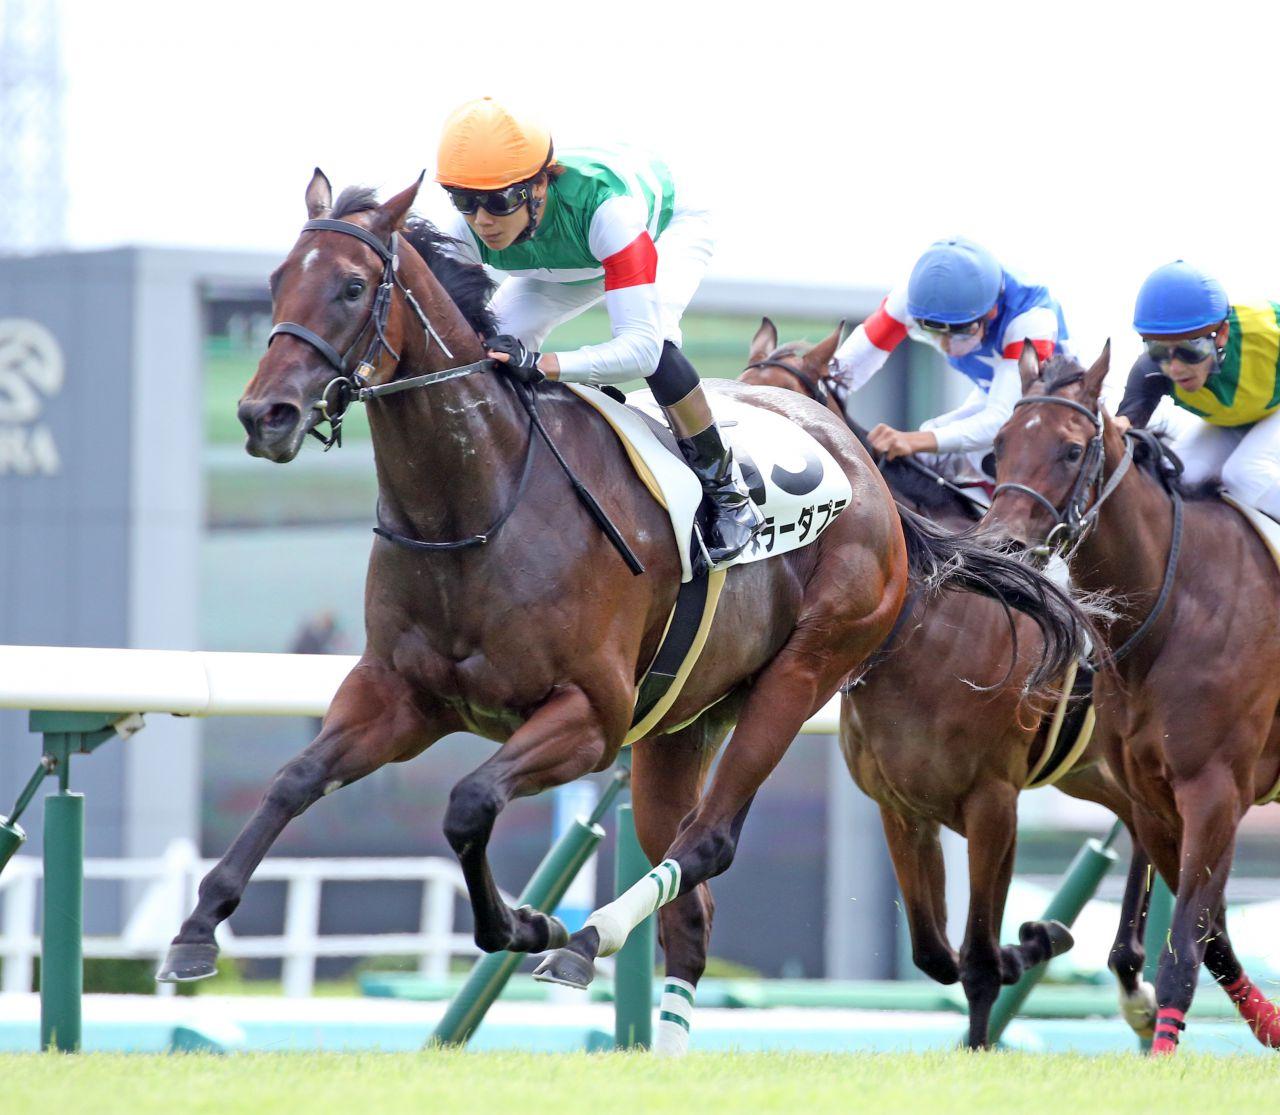 【新馬/中山5R】アヌラーダプラが断然の人気に応える!直線は流すように駆け抜ける